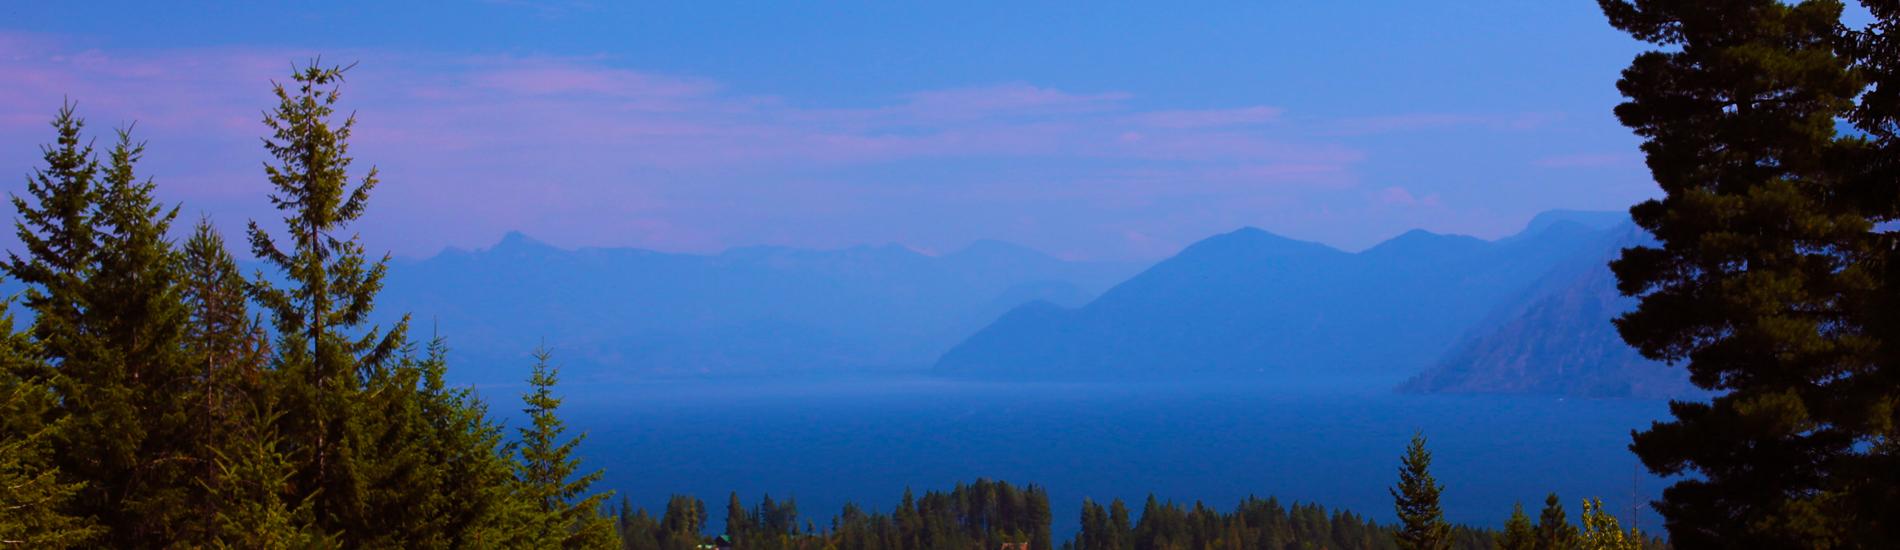 Front-page-header-pics-Idaho1